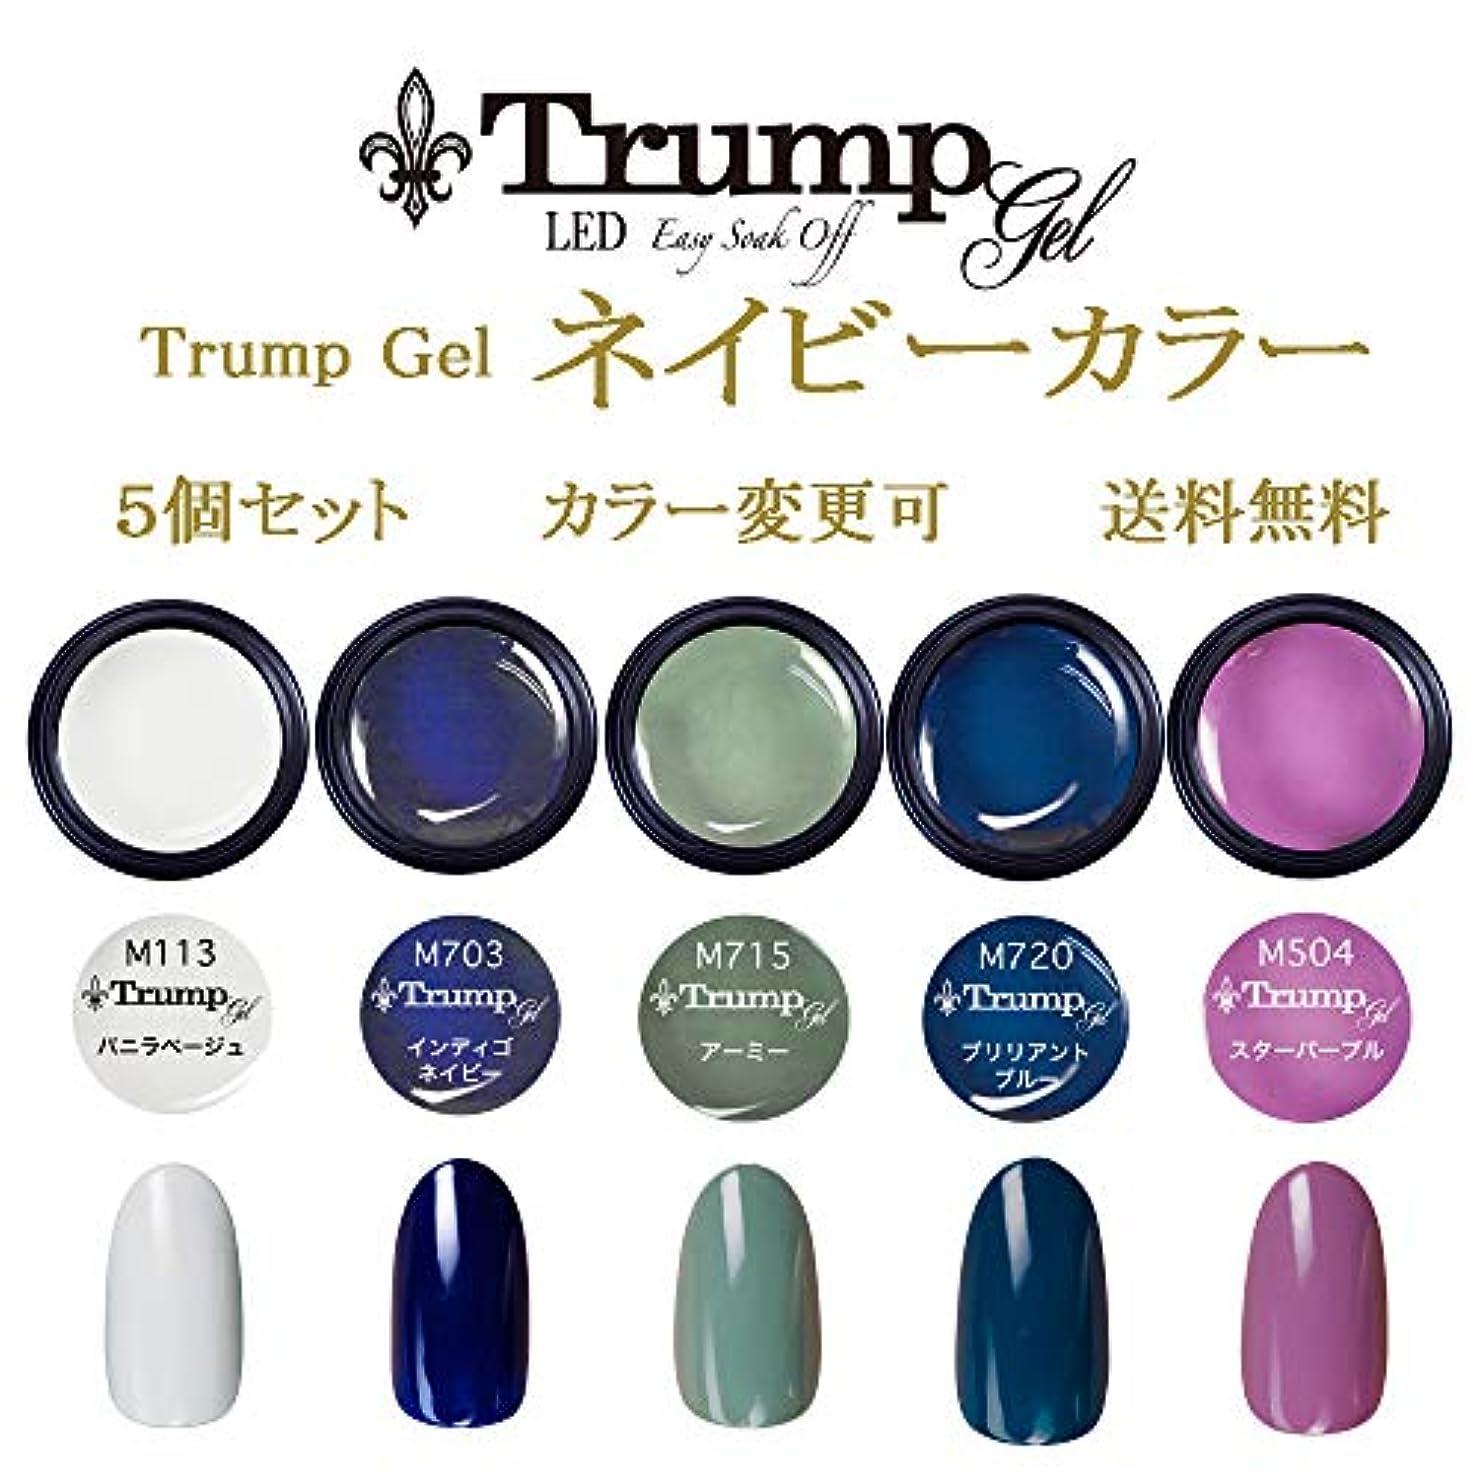 万一に備えて成分同級生日本製 Trump gel トランプジェル ネイビーカラー 選べる カラージェル 5個セット ホワイト ブルー ネイビー パープル カーキ グリーン